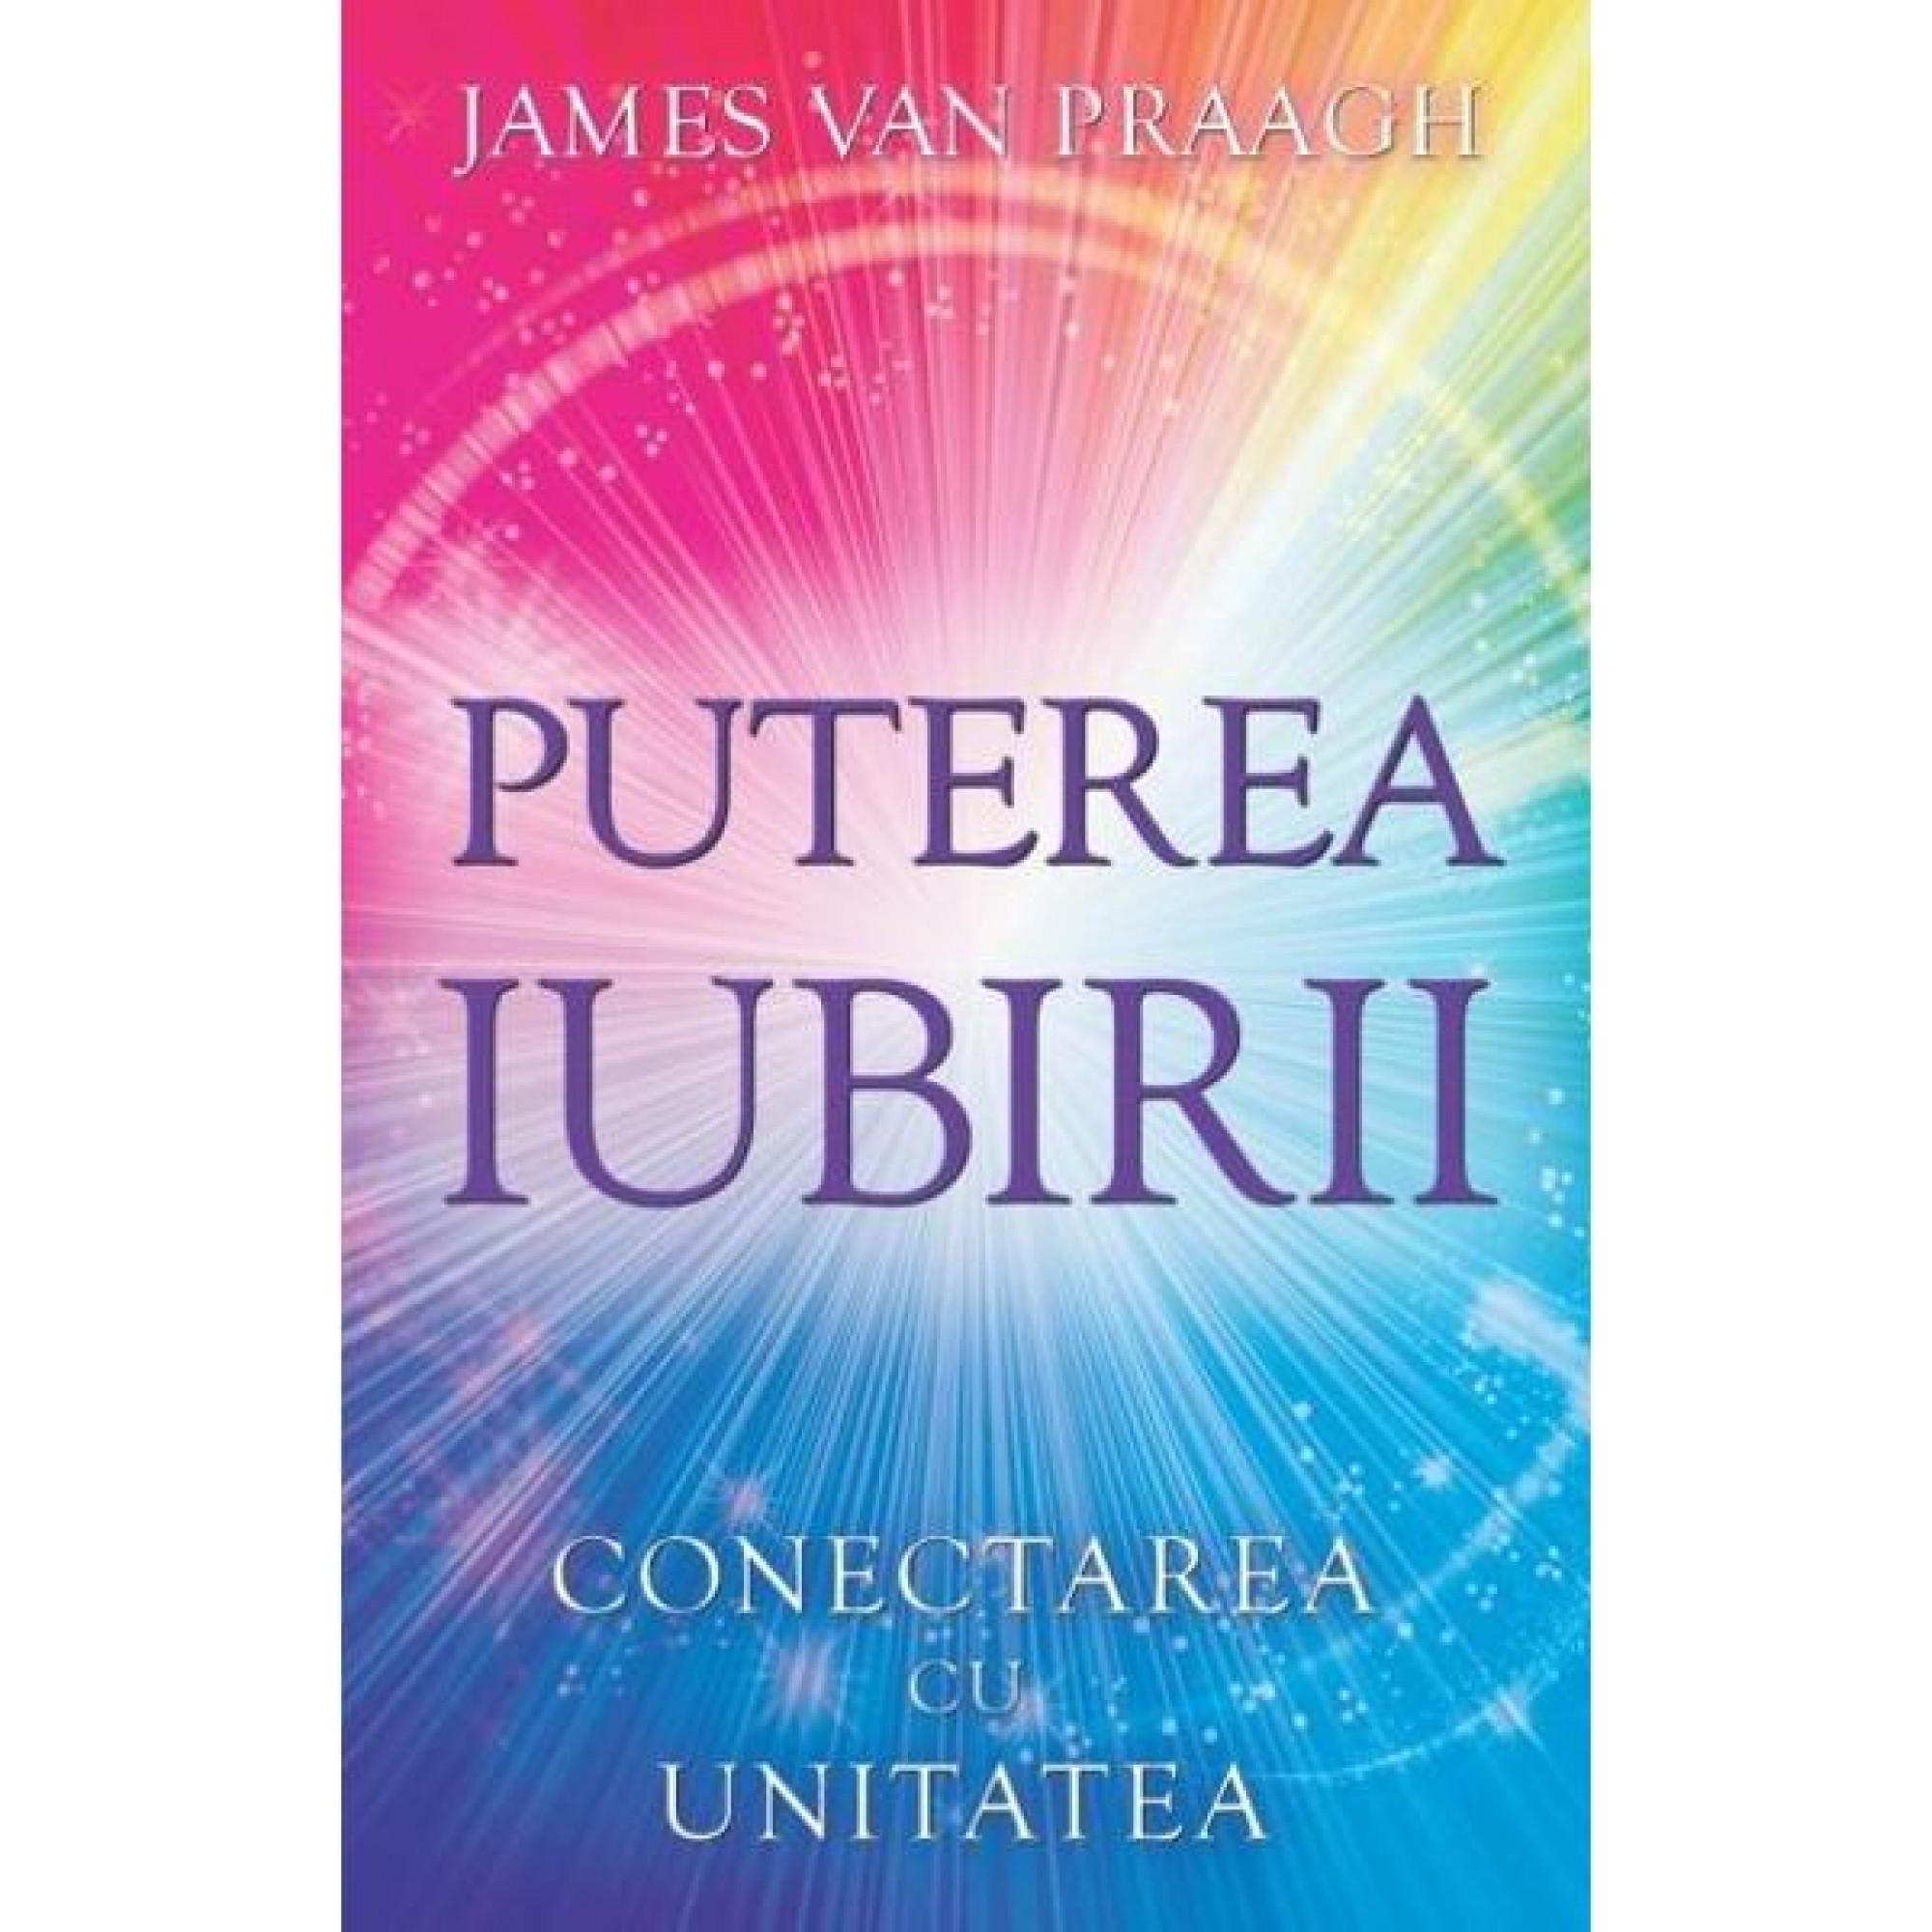 Puterea iubirii; James Van Praagh